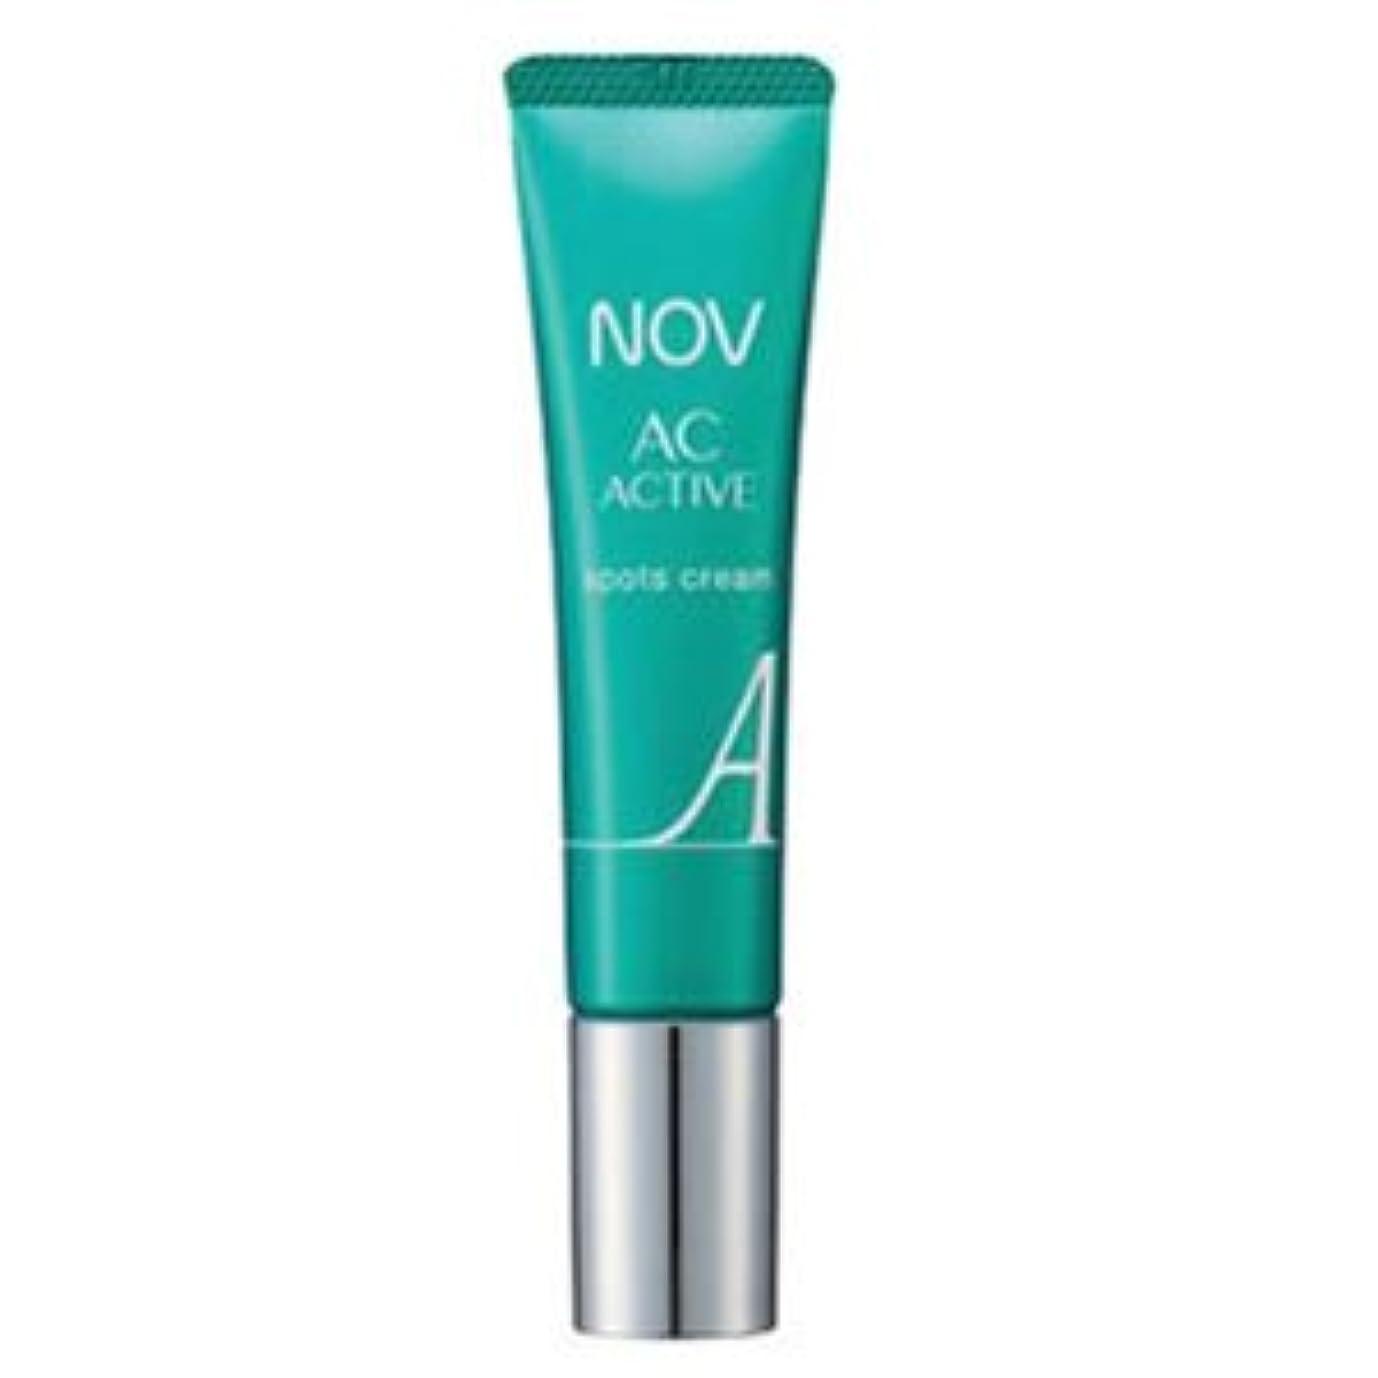 独創的メガロポリス克服するNOV ノブ ACアクティブ スポッツクリーム n 10g 医薬部外品